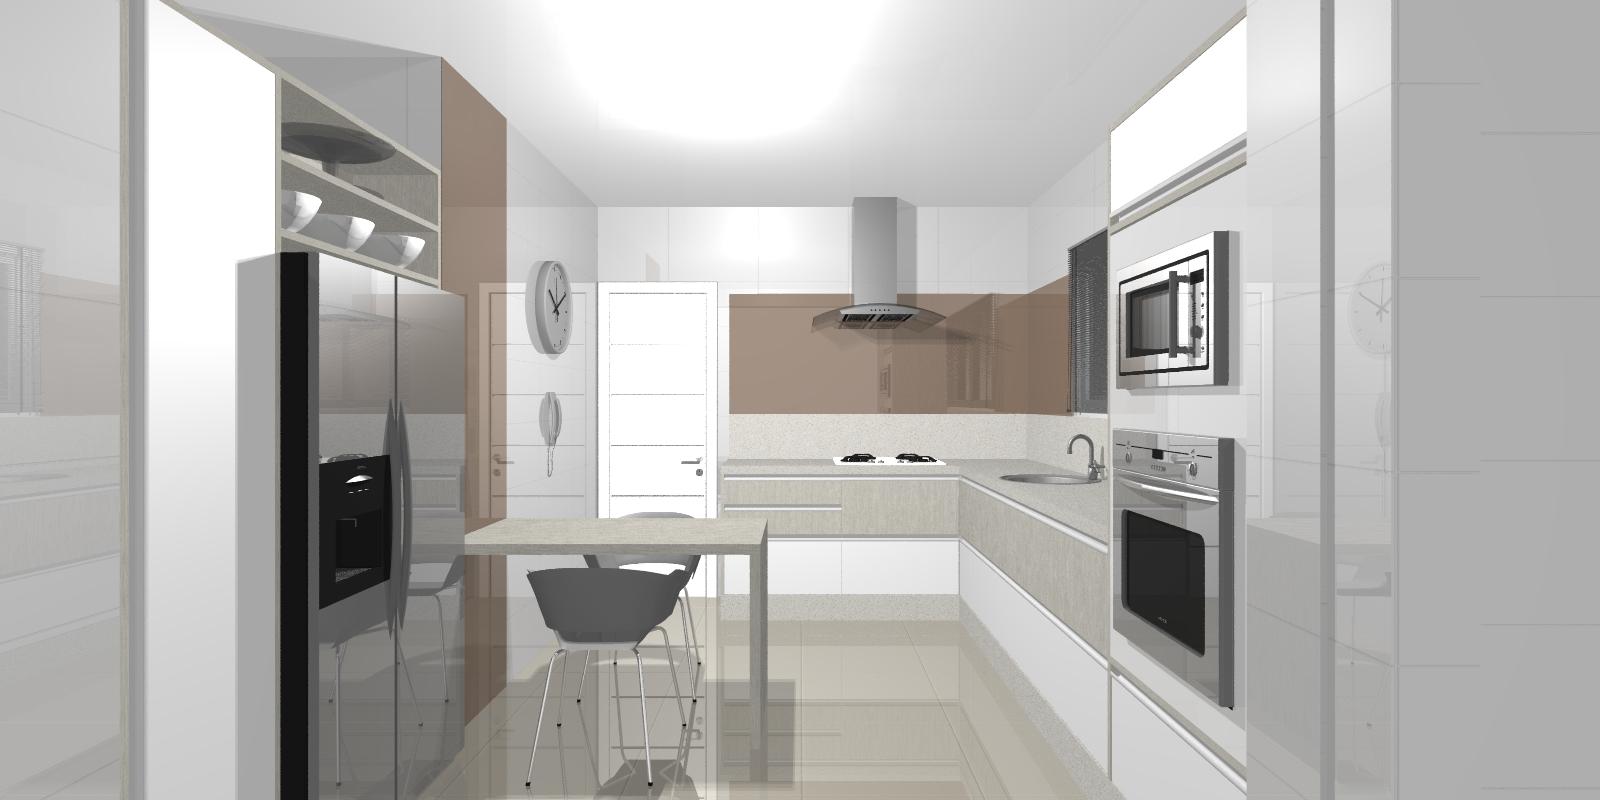 Fernanda Moschetta: Projetos de Interiores Residênciais Cozinhas #655950 1600 800